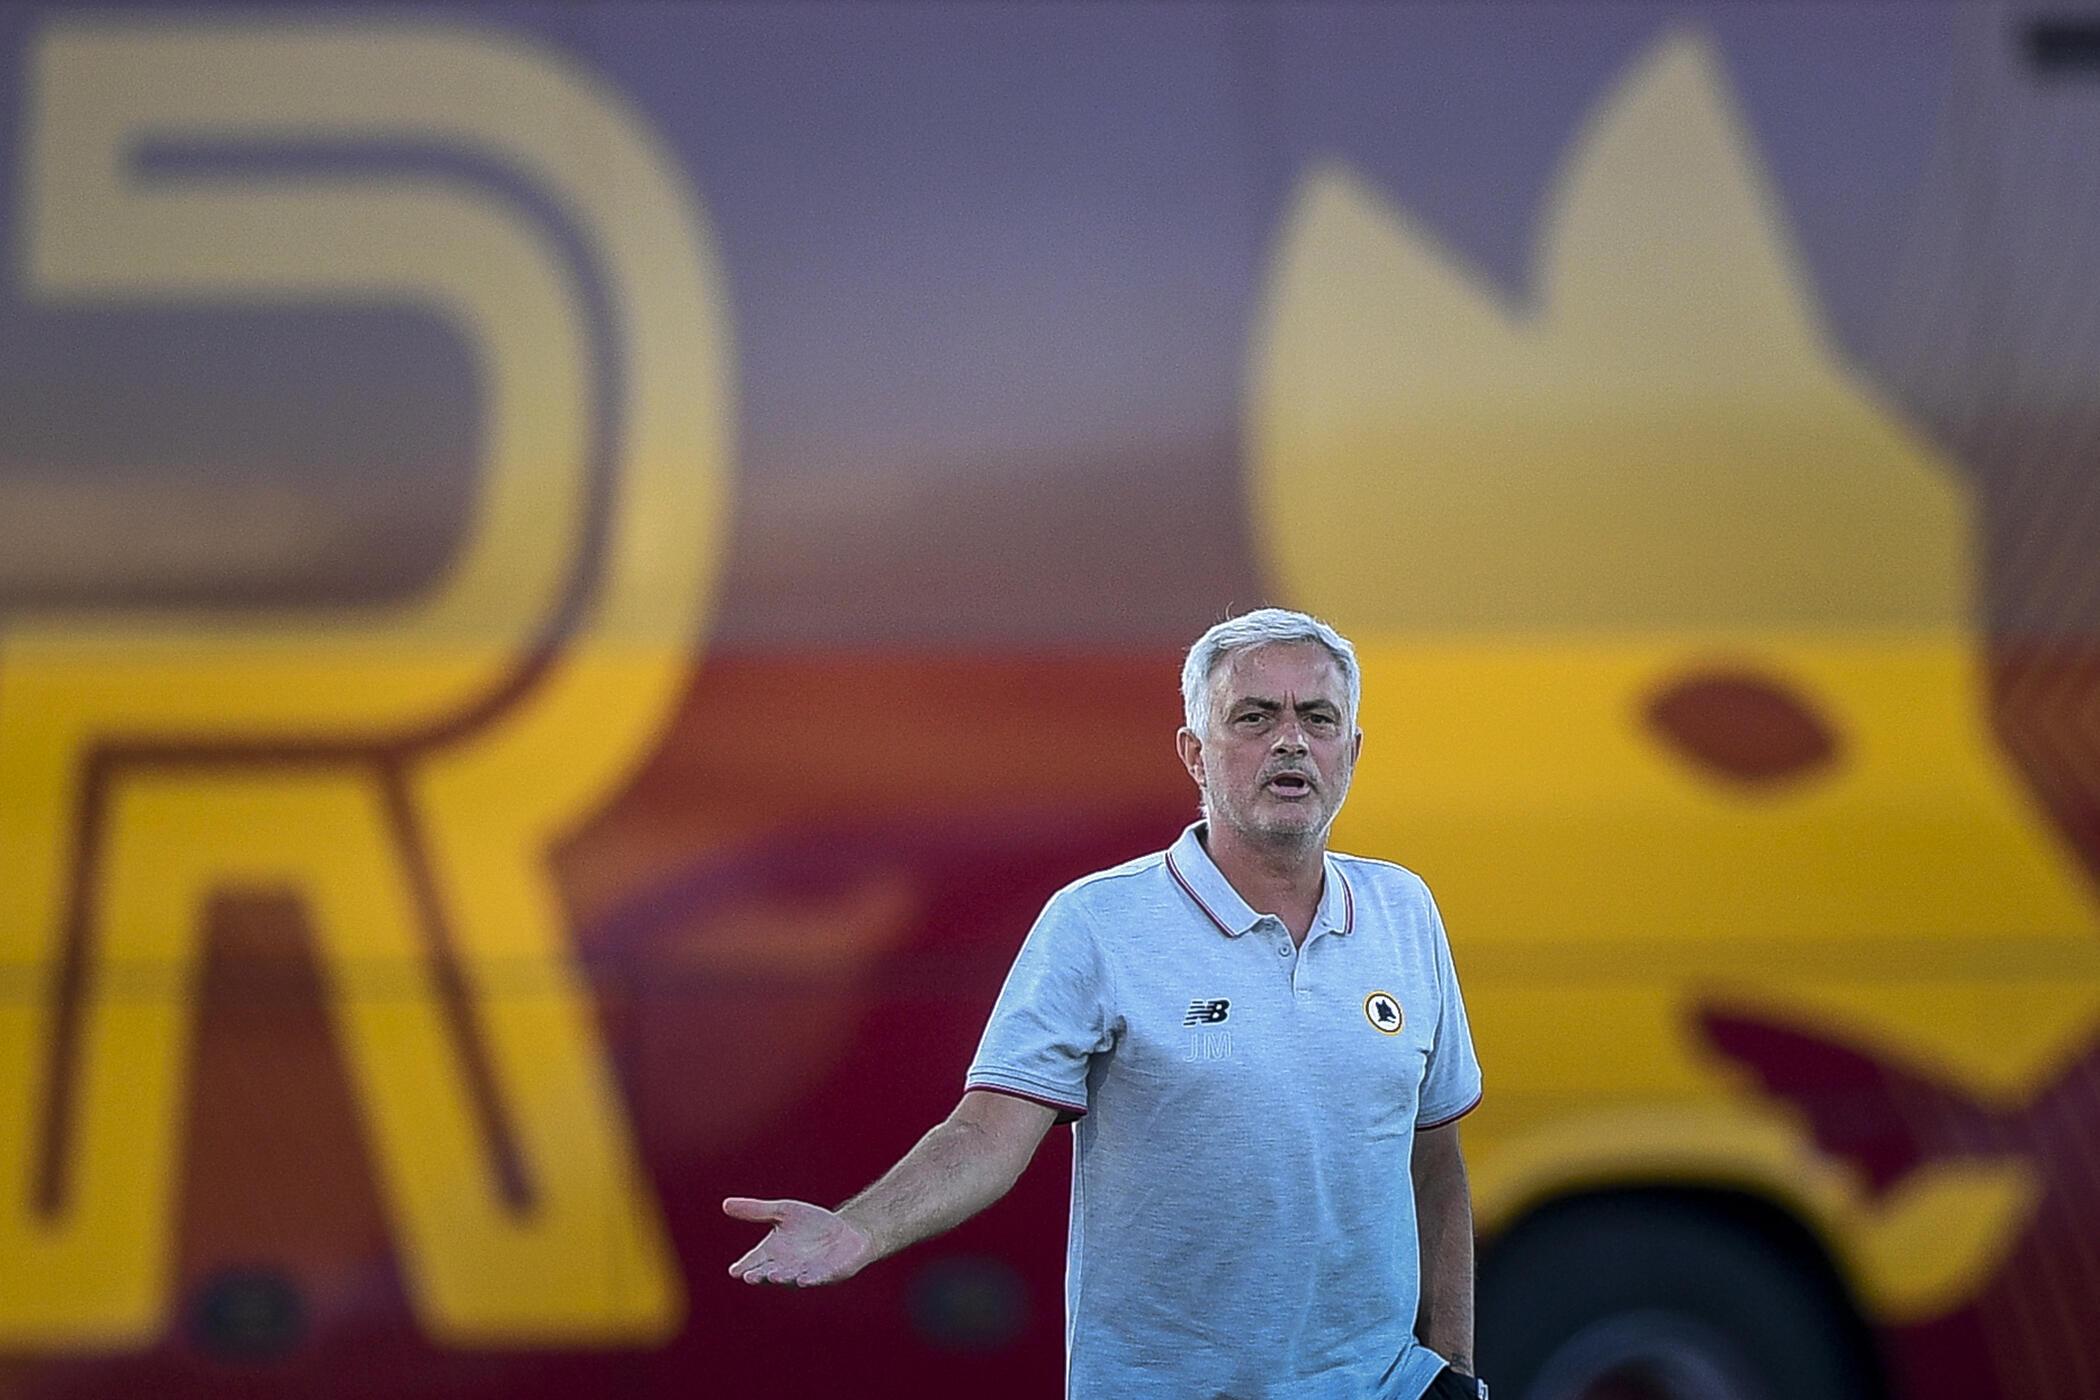 Il nuovo allenatore della Roma, il portoghese Jose Marino, durante l'amichevole contro l'FC Porto il 28 luglio 2021 allo Stadio Bela Vista di Lagova